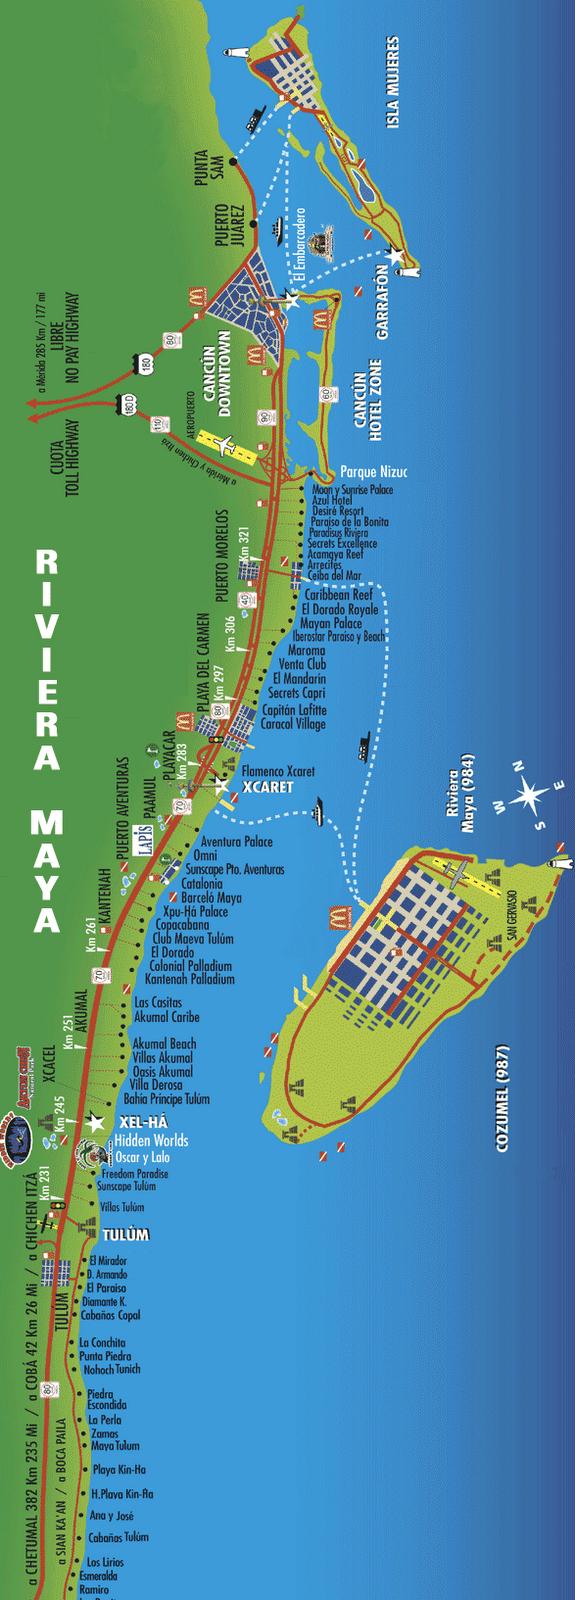 Map of Riviera Maya. Things to do in Riviera Maya | Mexico ...